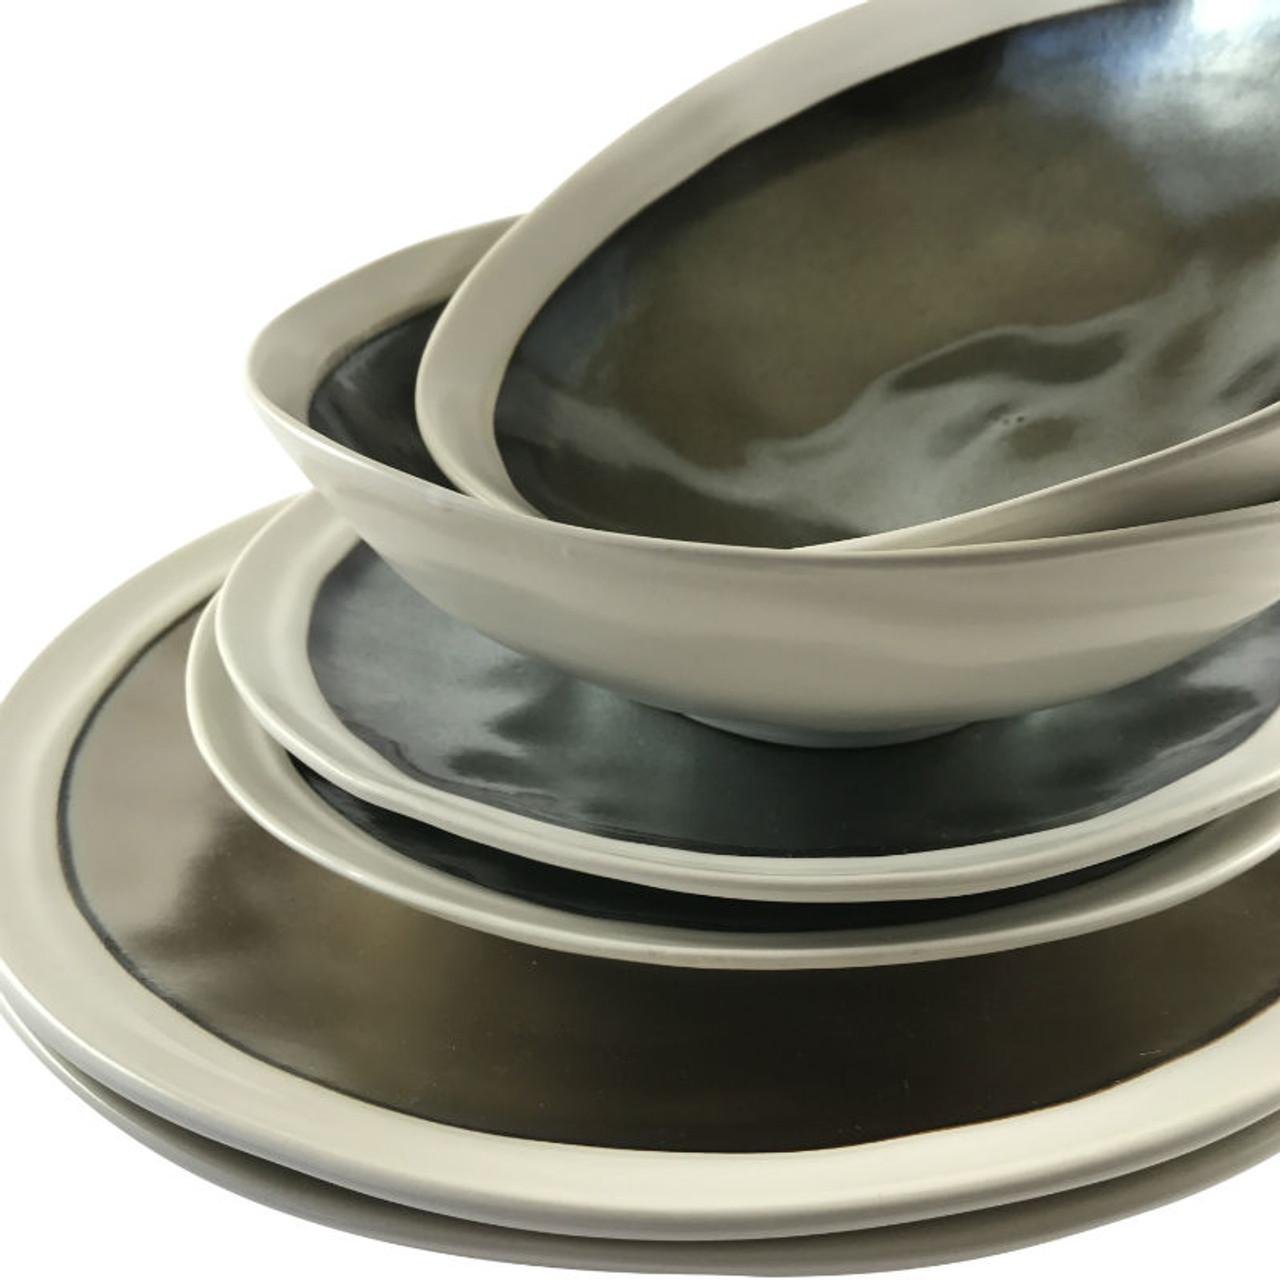 Alternate view Robert Gordon Flux Collection Dinner Set - Platinum showing a collection of matching Bowls  sc 1 st  Casetta Living & Robert Gordon Flux Collection Dinner Set 6 piece